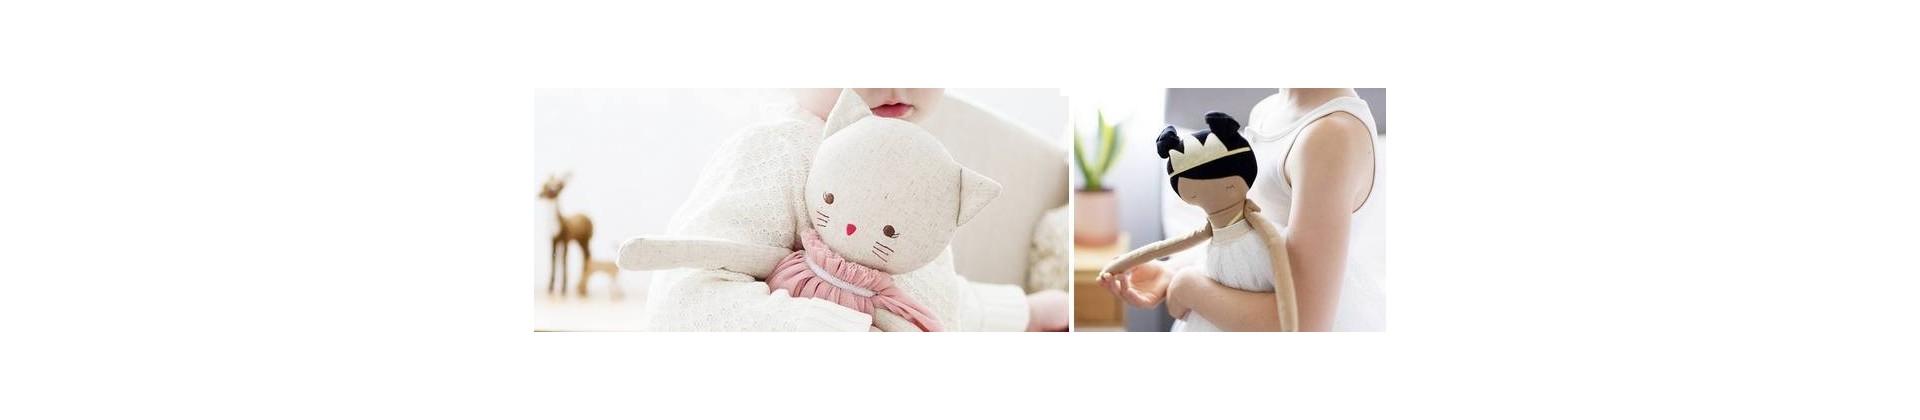 Poupée de chiffon : jolies poupées en tissu à offrir